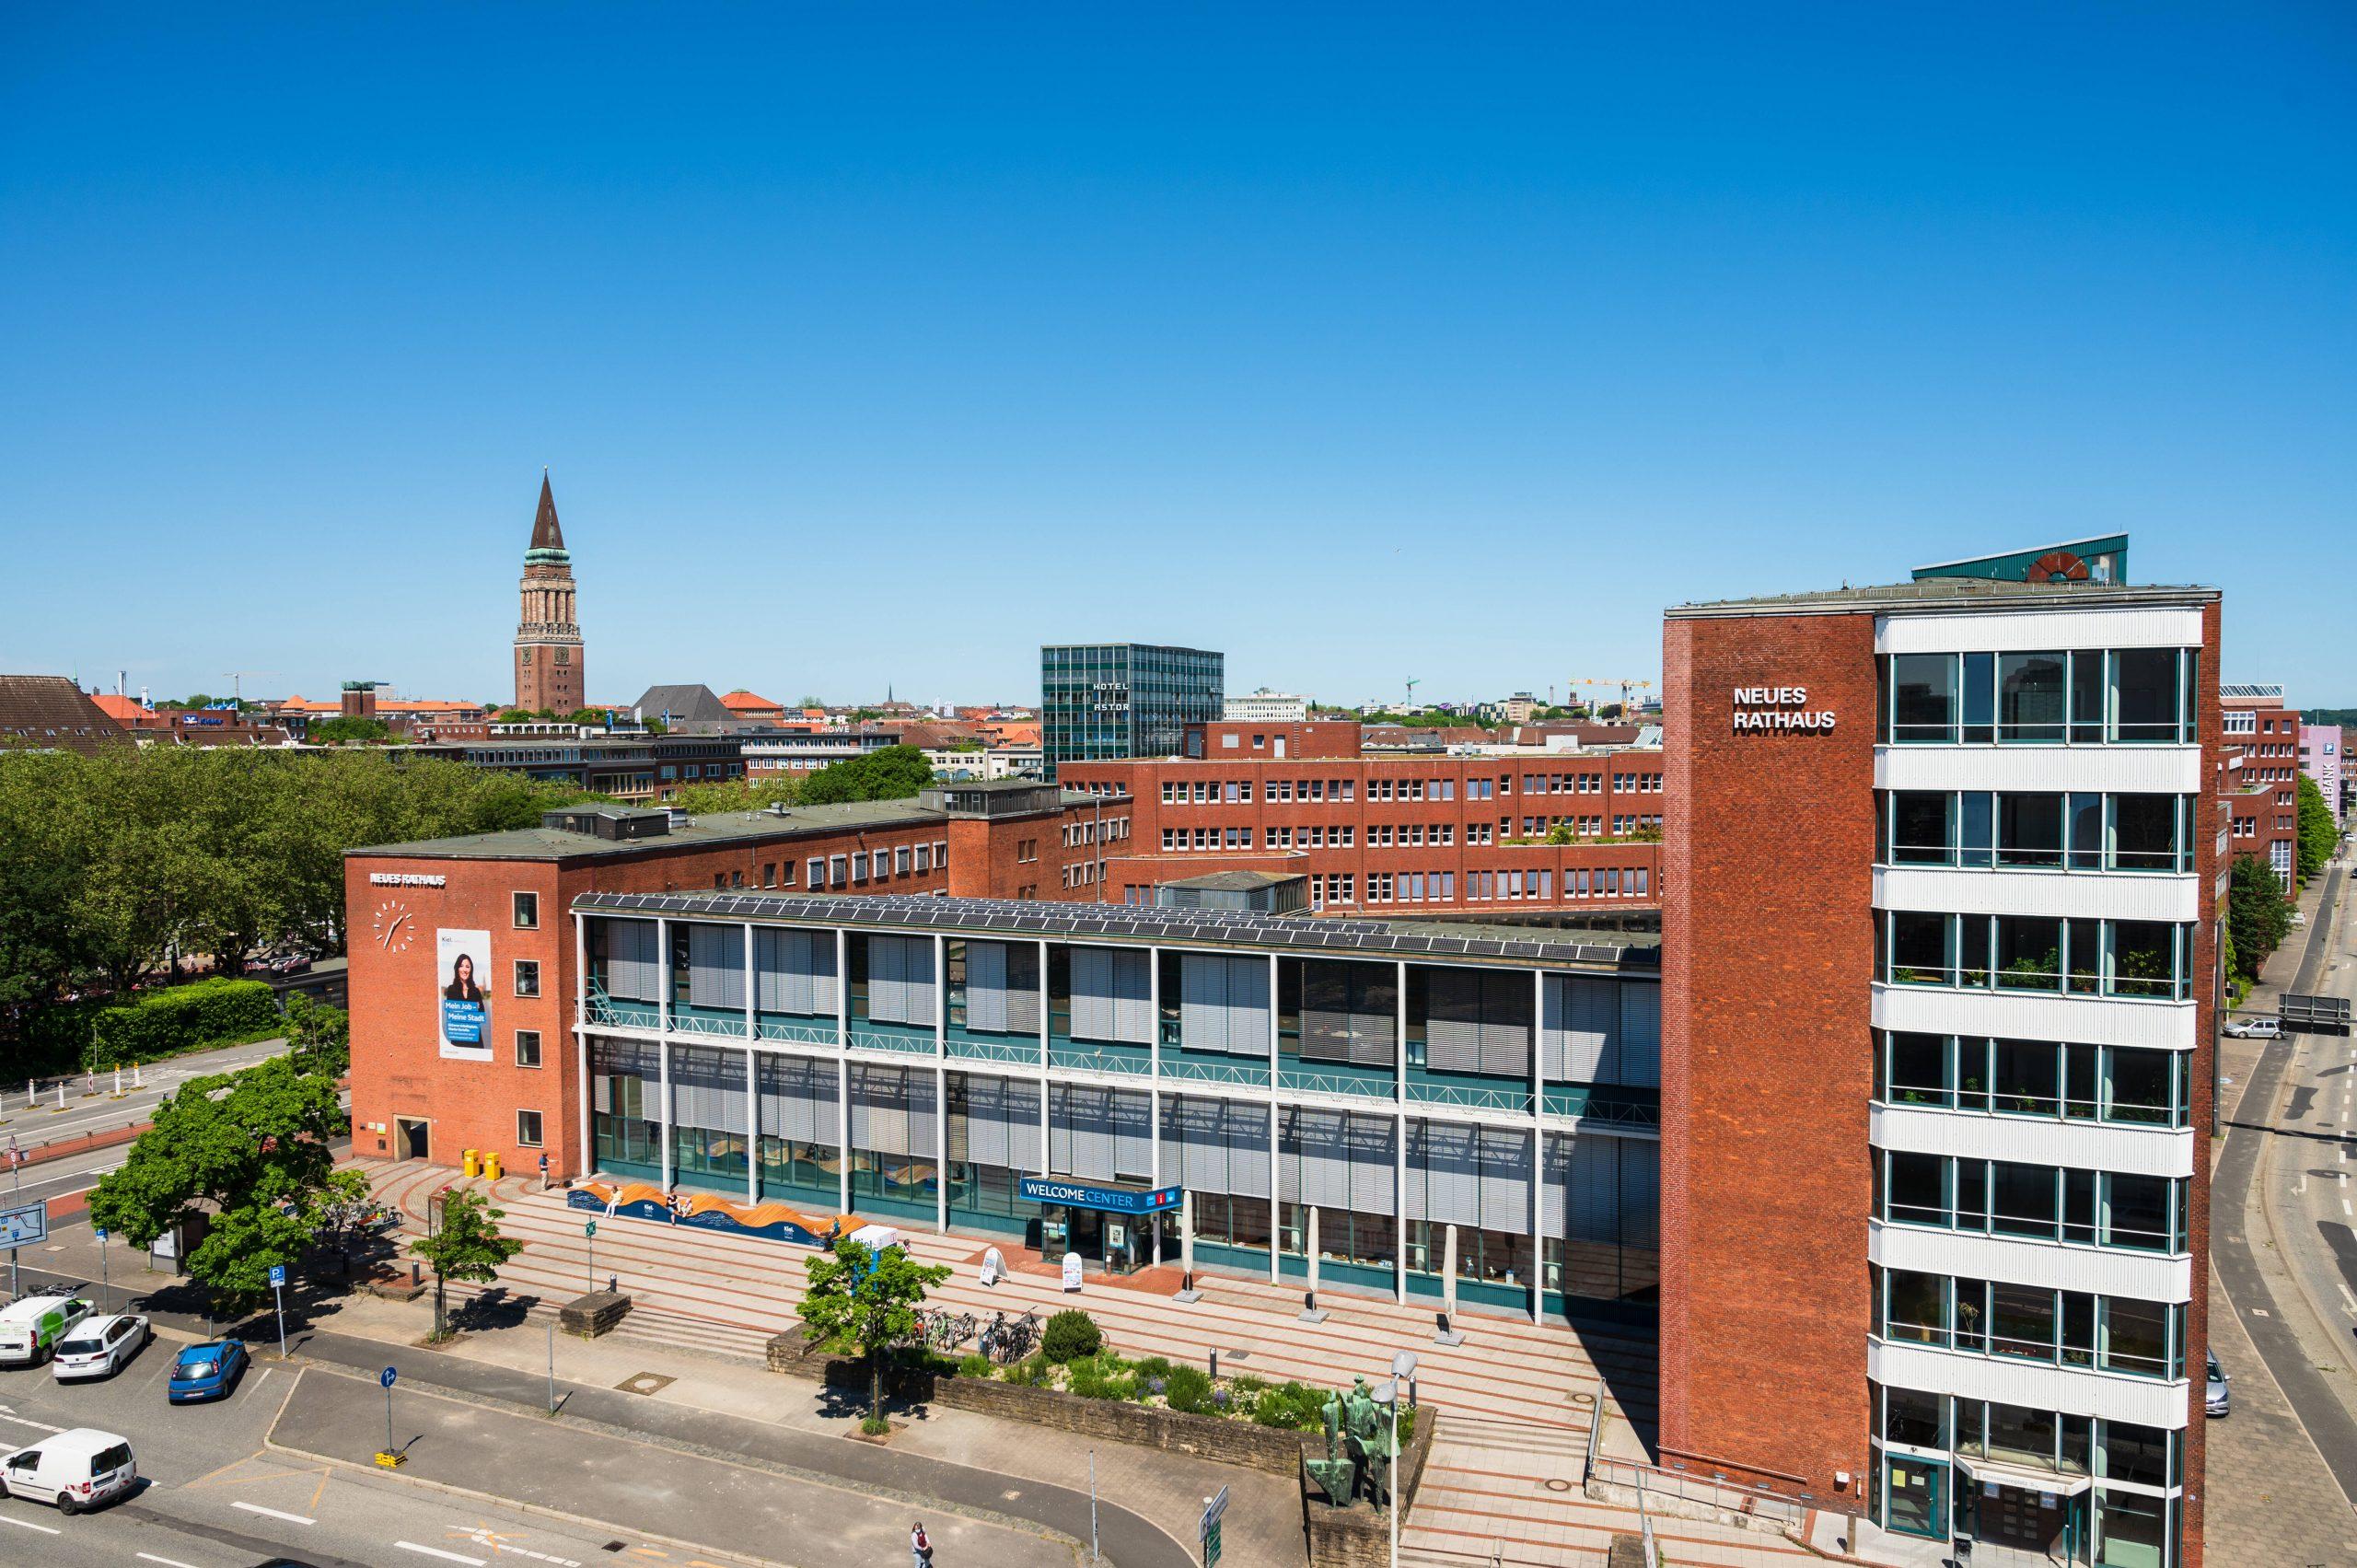 Das Neue Rathaus in Kiel – hier befindet sich auch die Stadtgalerie. (Archivbild)